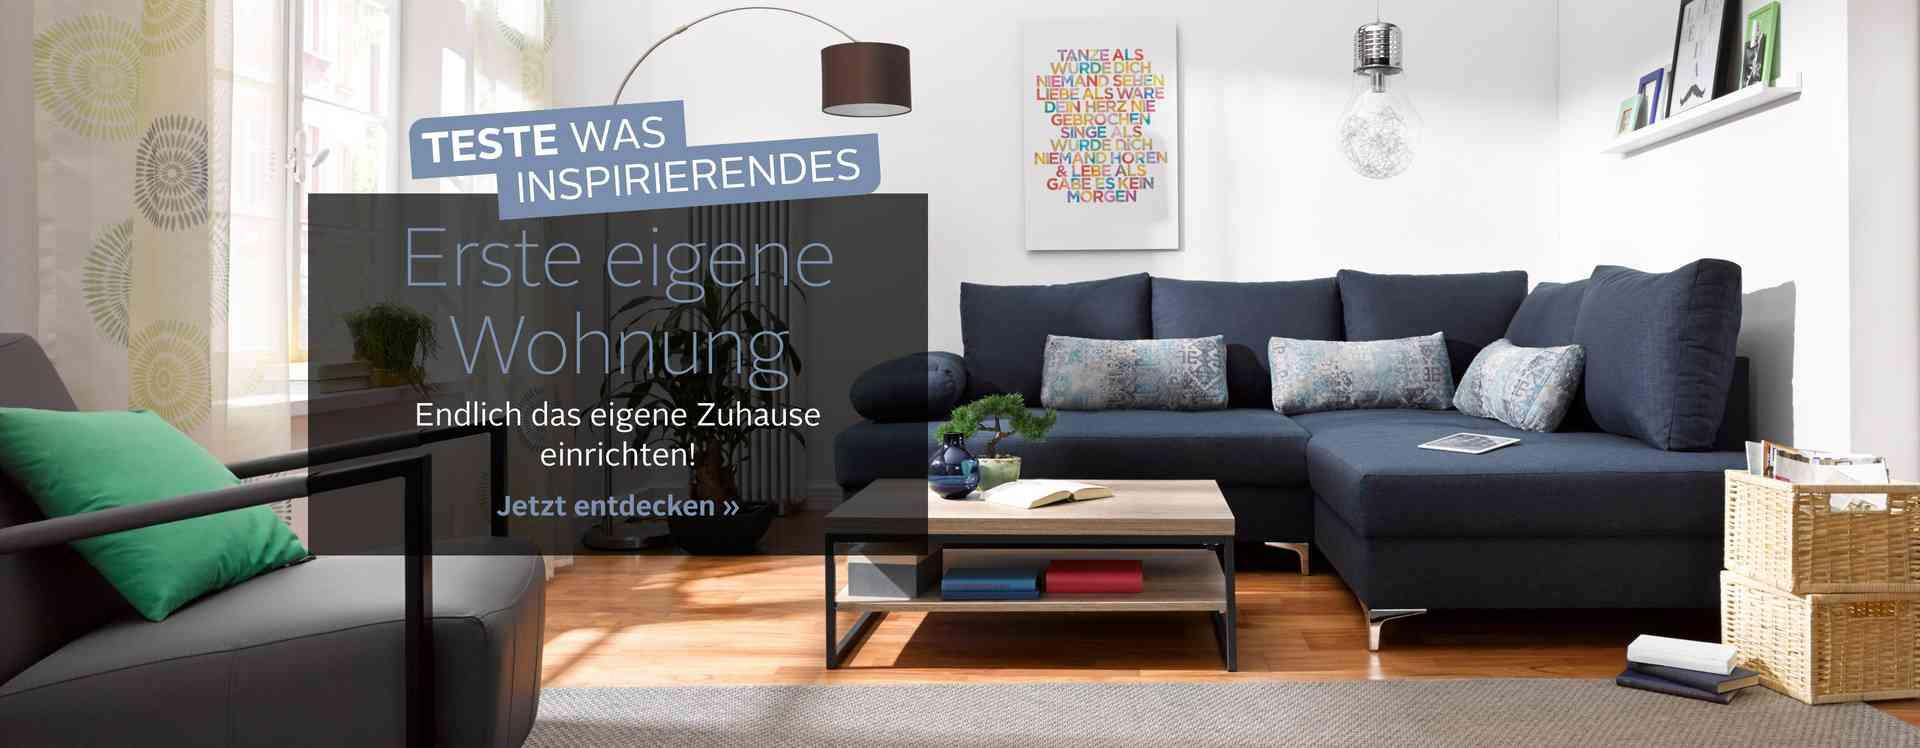 Tschüss, Hotel Mama. Hallo, erste eigene Wohnung! Schlafzimmer, Wohnzimmer oder Bad: Holen Sie sich stylische Ideen zu günstigen Preisen für die ersten eigenen 4 Wände.